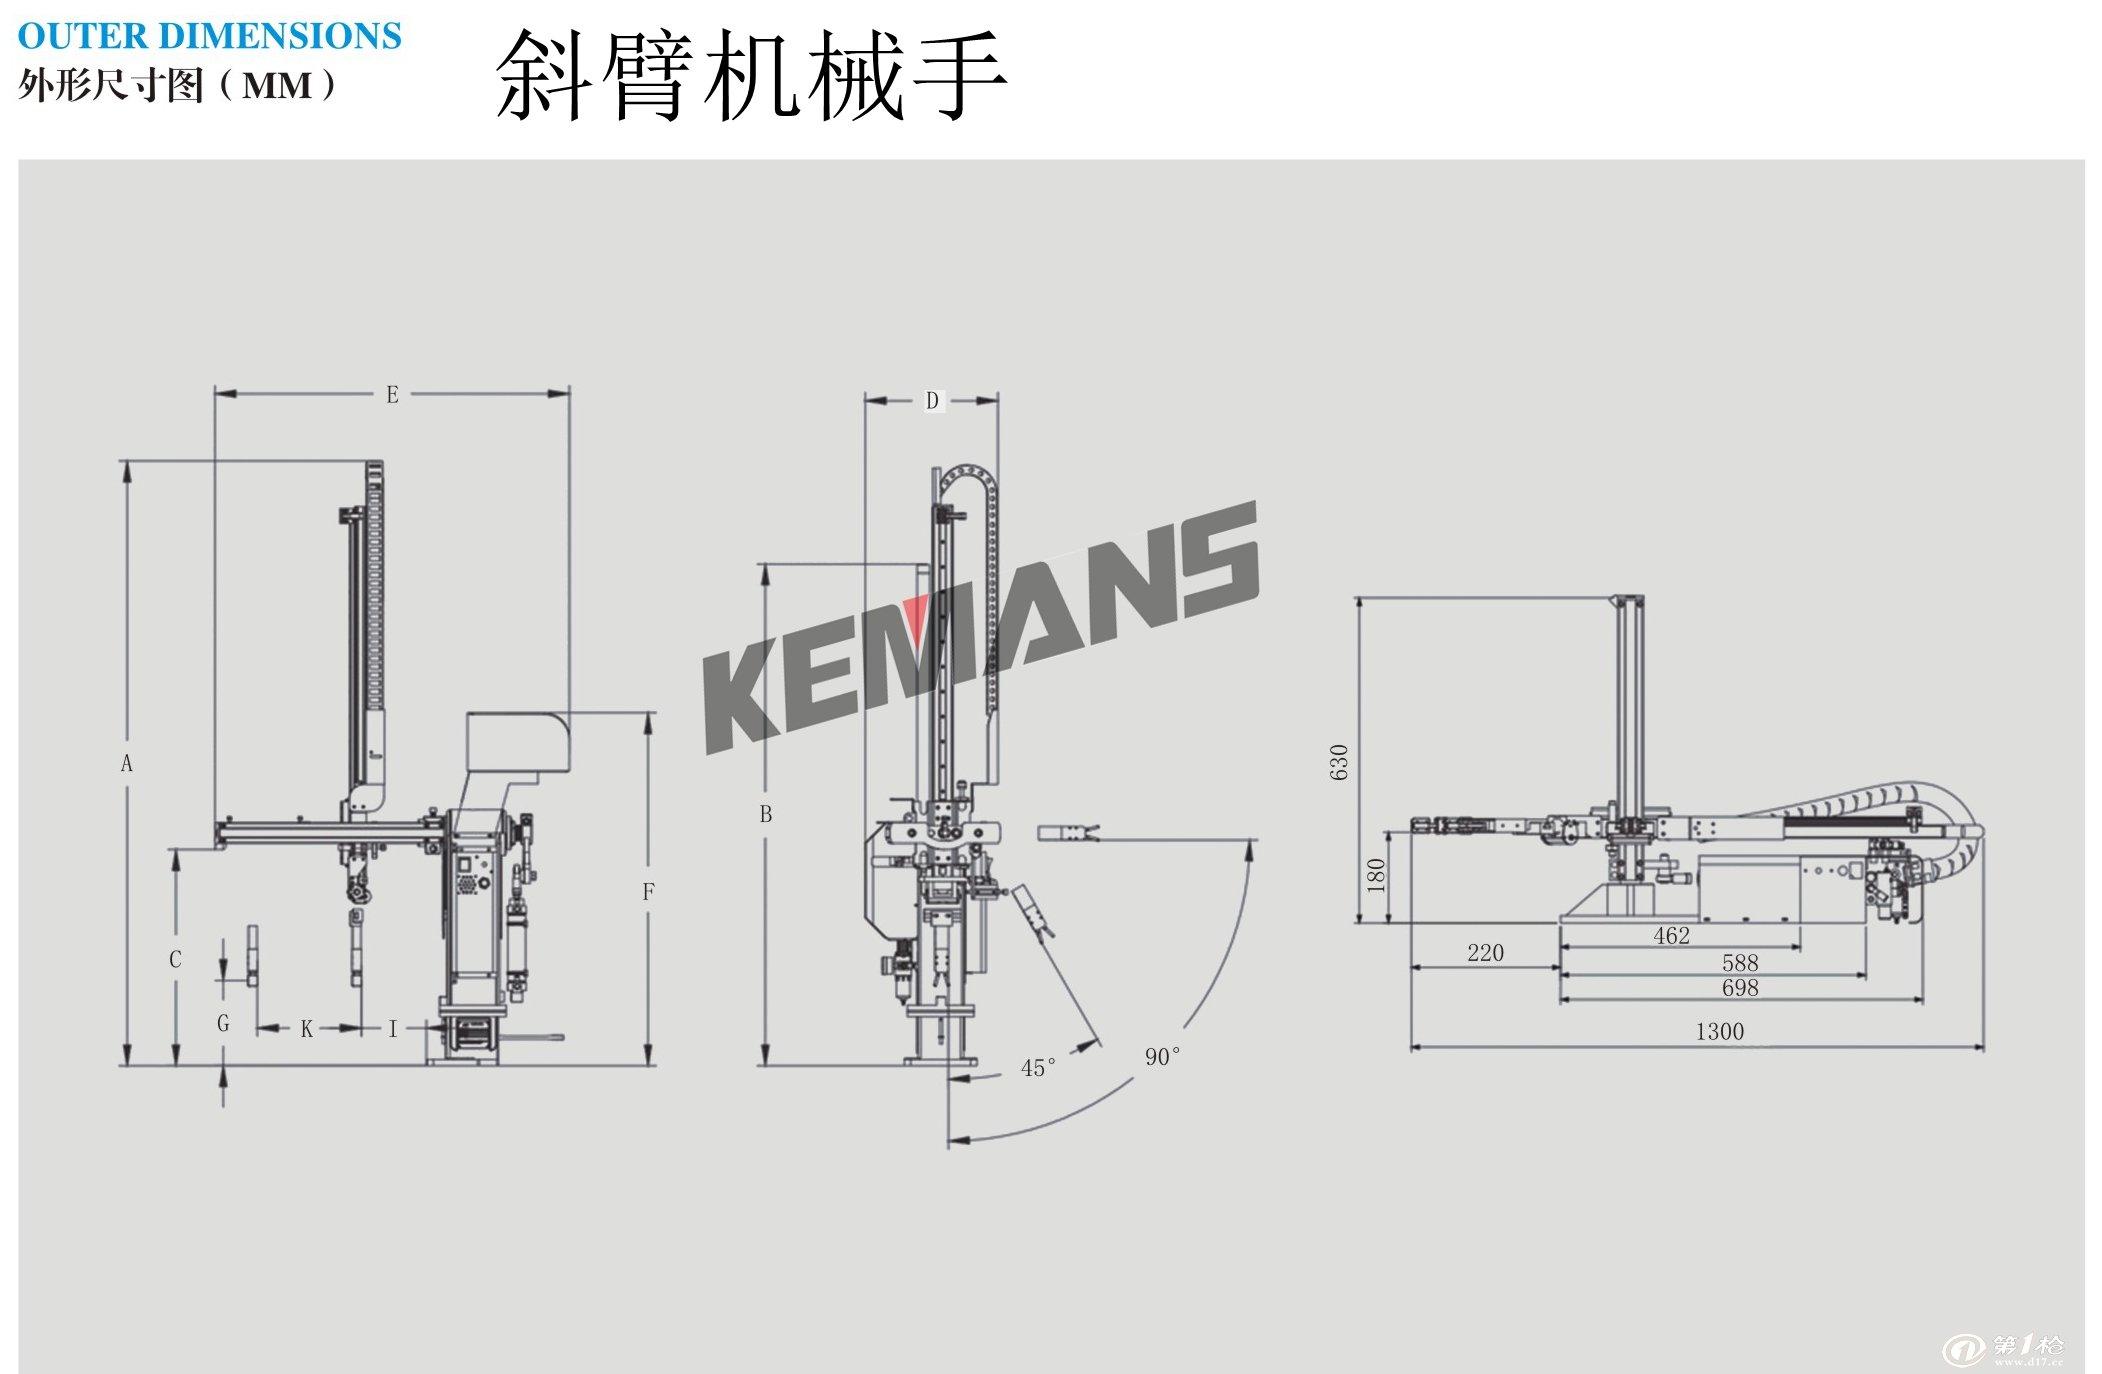 轻巧耐用    【产品简介】:斜臂取料机械手通常配备紧凑设计的气缸图片